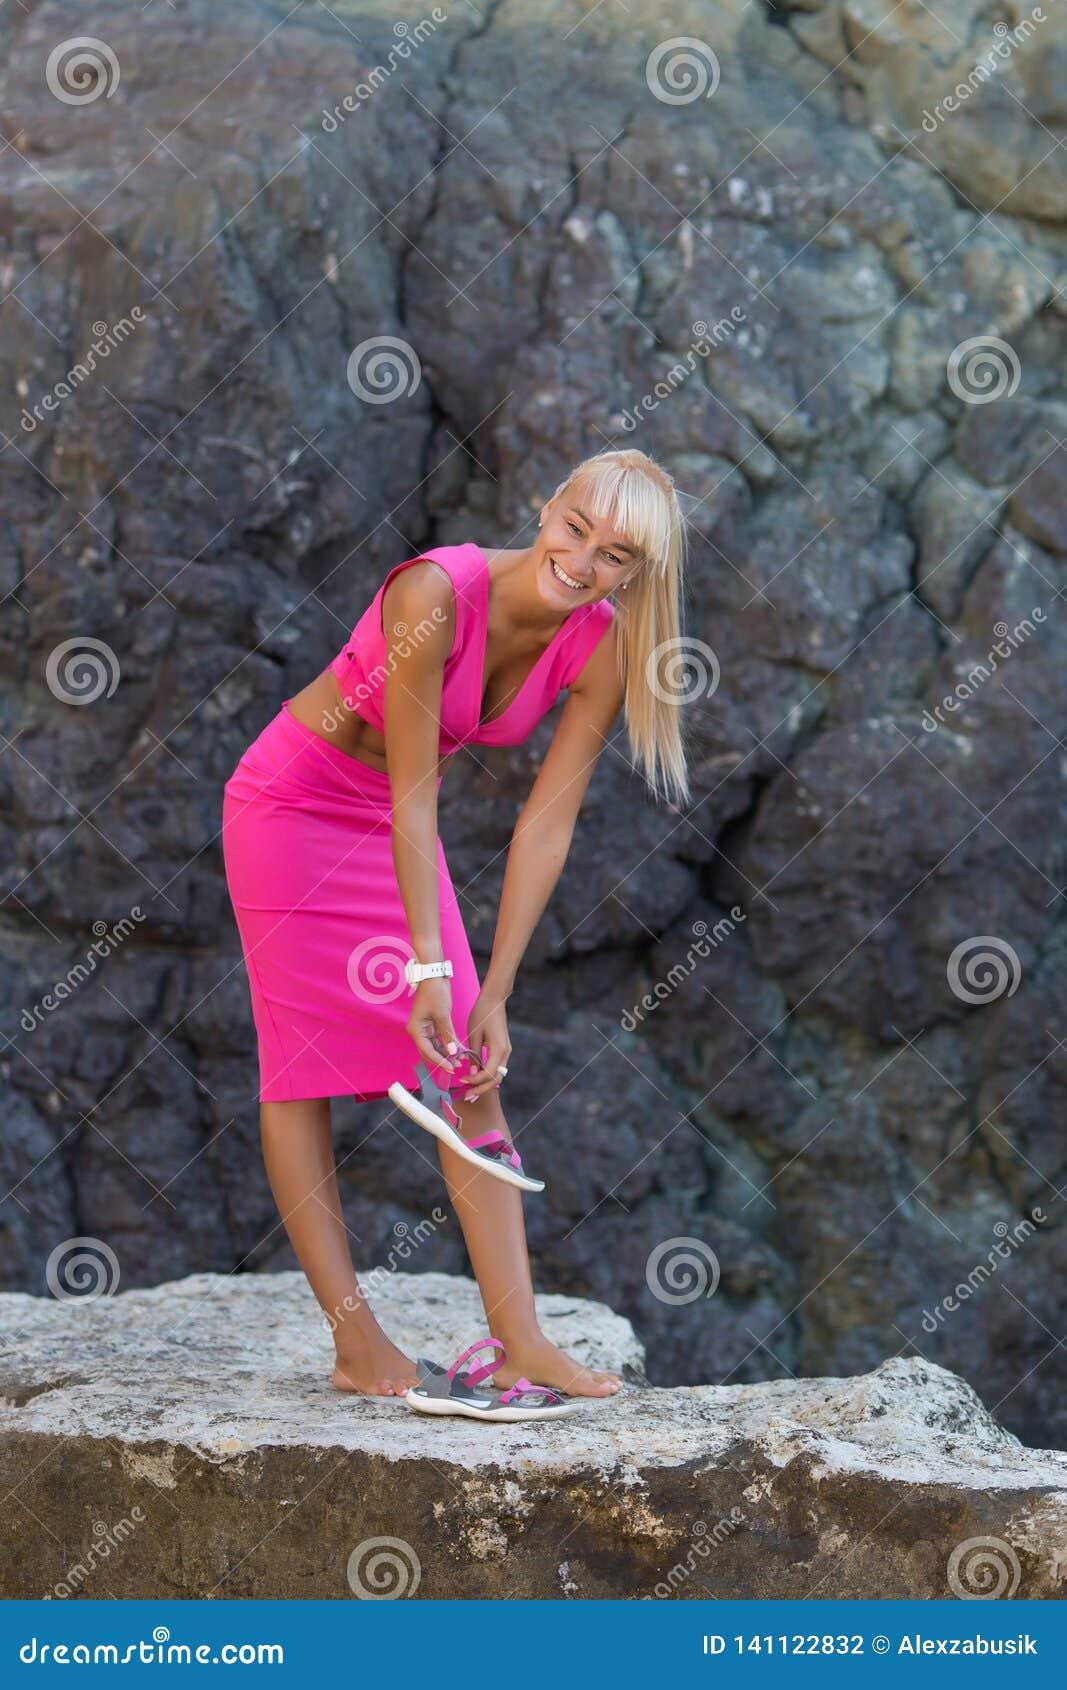 Brunbränd blond haired kvinnlig person som vilar på det avskilda stället av den lösa steniga kusten